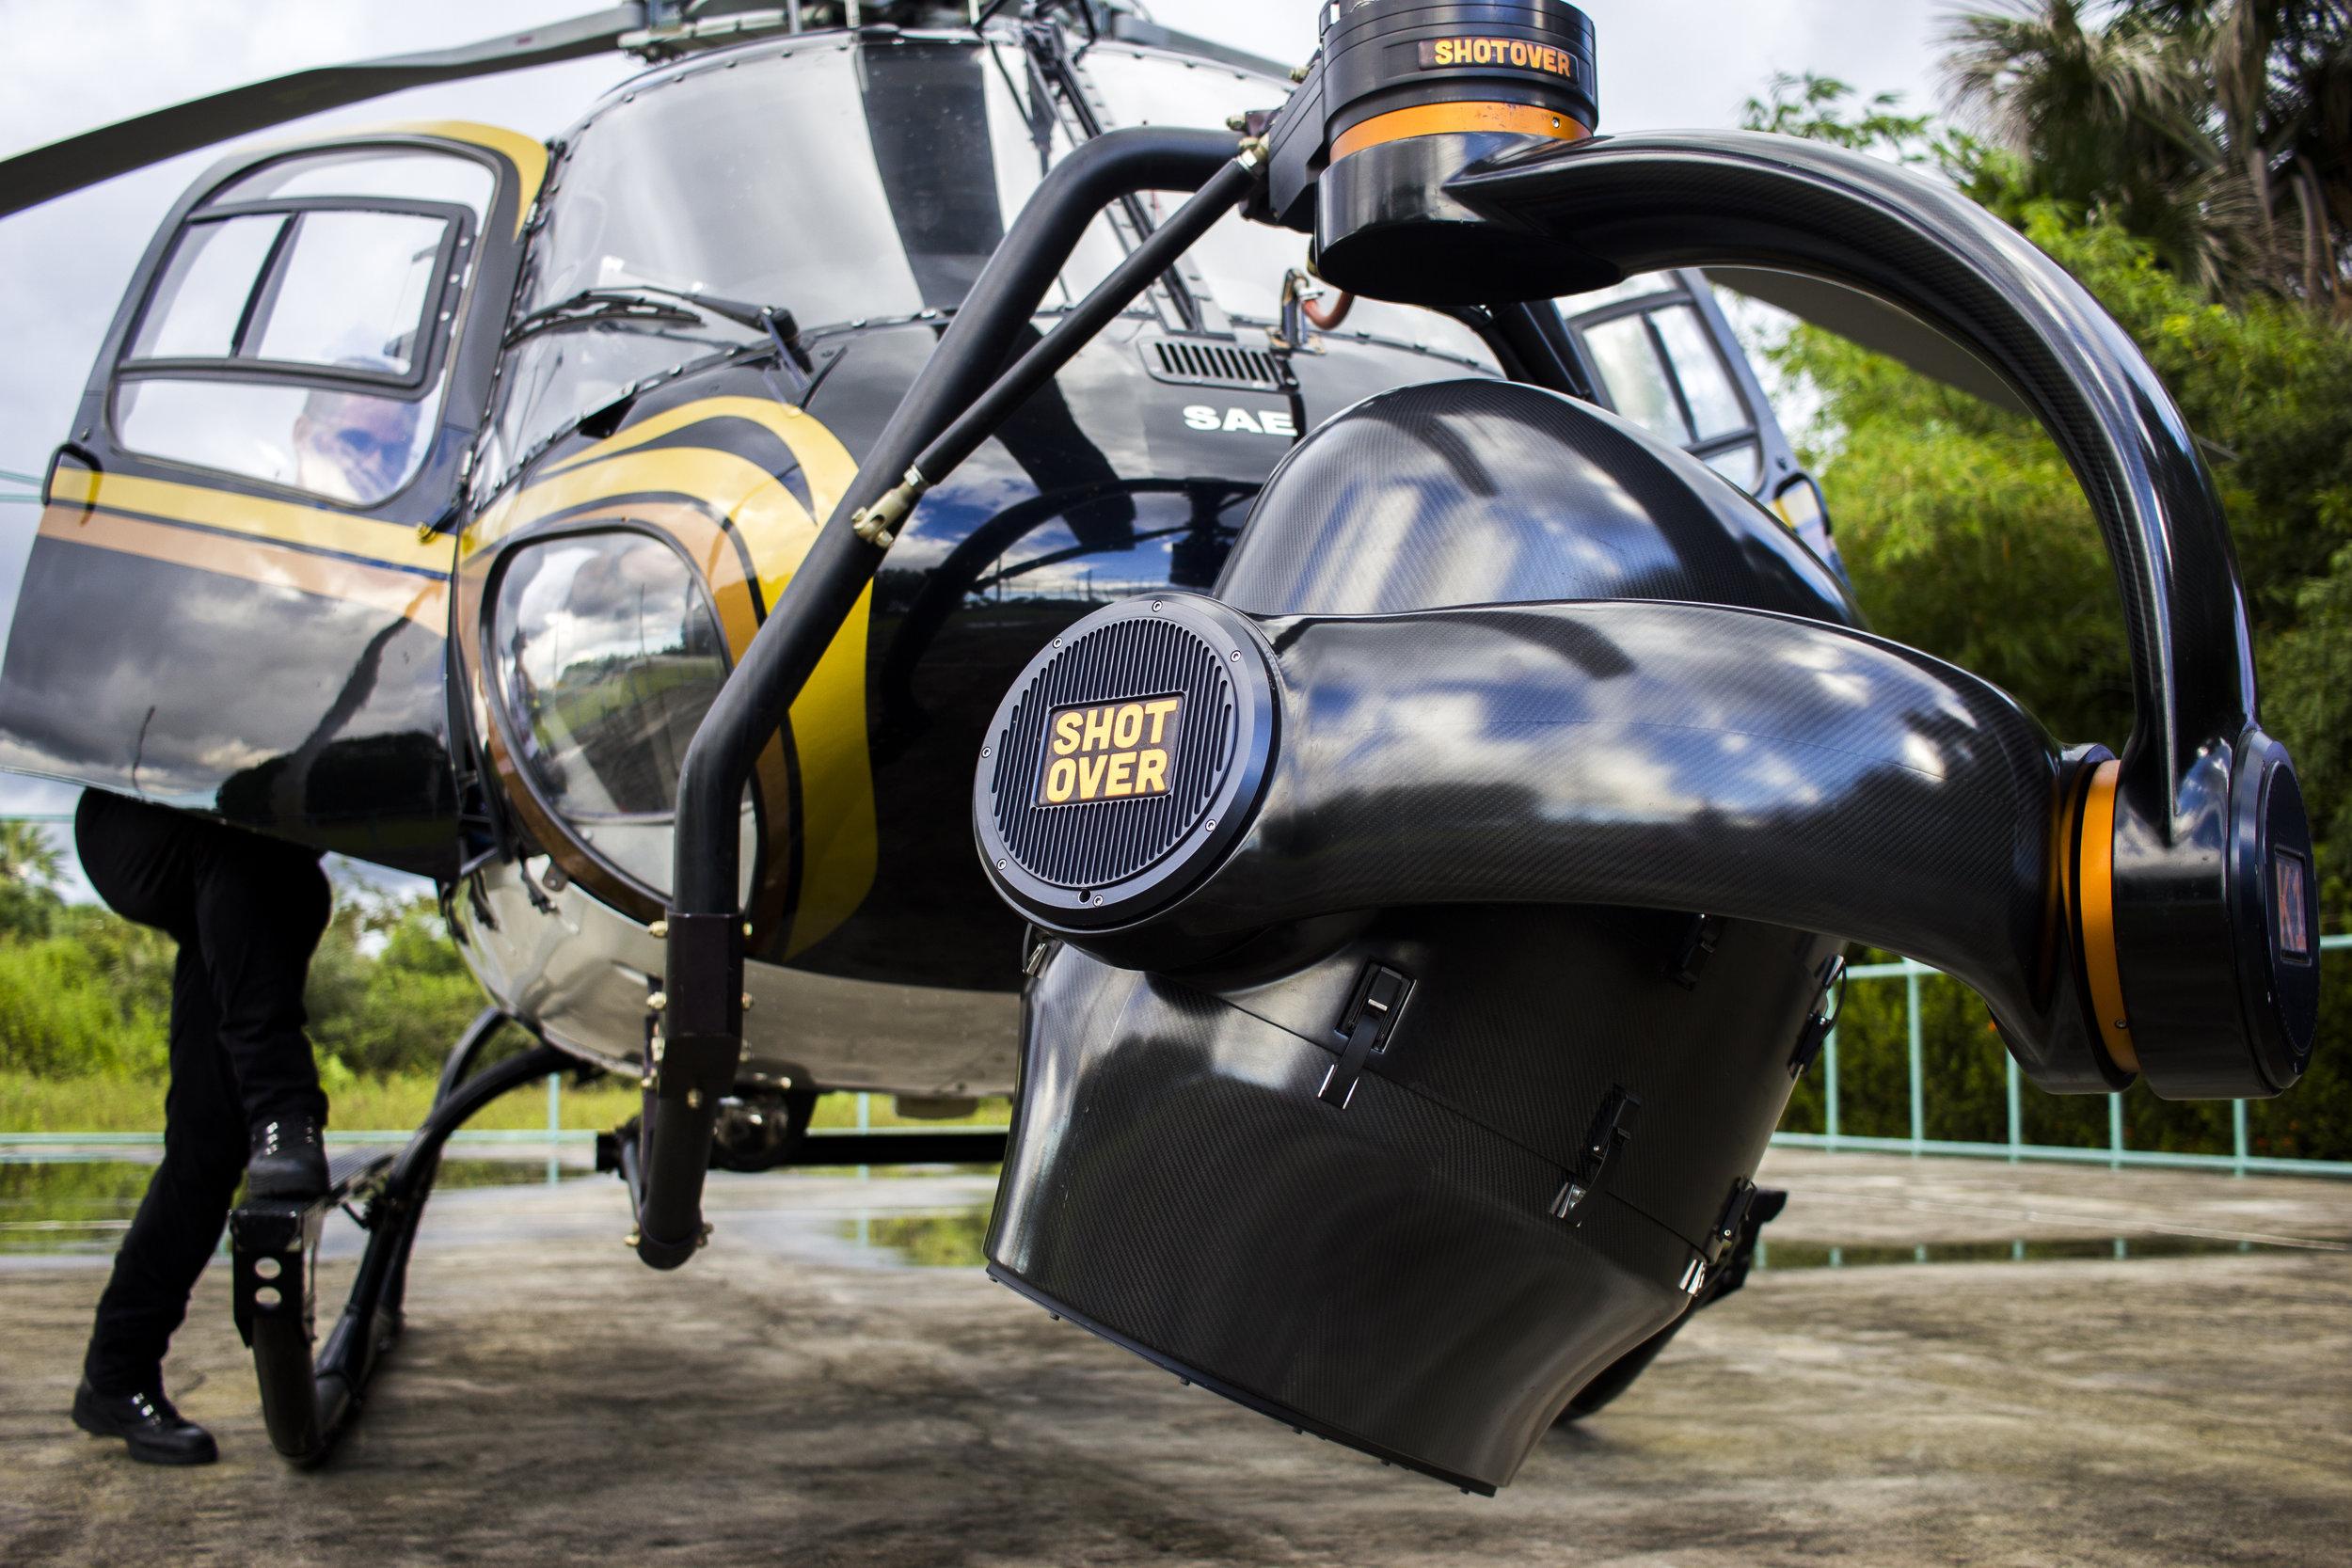 Detalhe da câmera acoplada ao helicóptero utilizado na filmagem.jpg